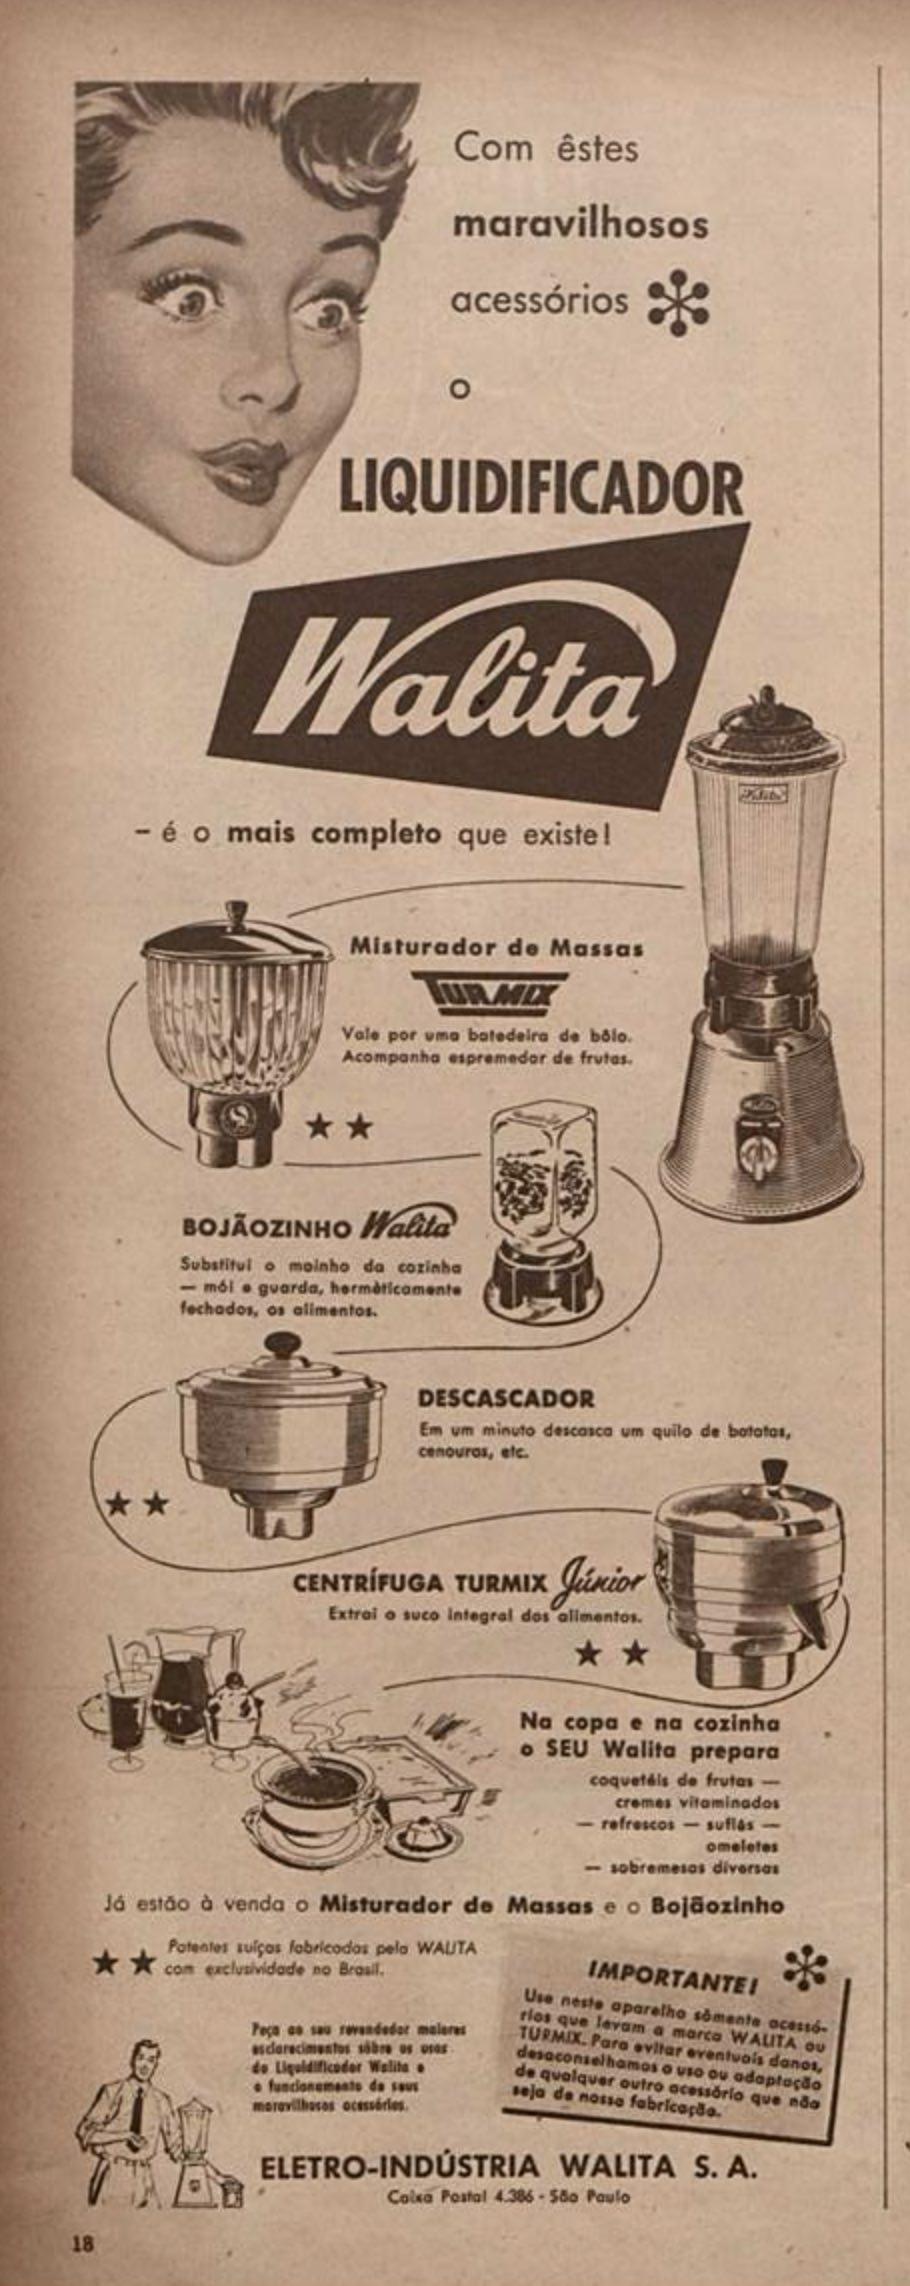 Anúncio da Walita veiculado em 1954 promovendo sua linha de liquidificadores e acessórios